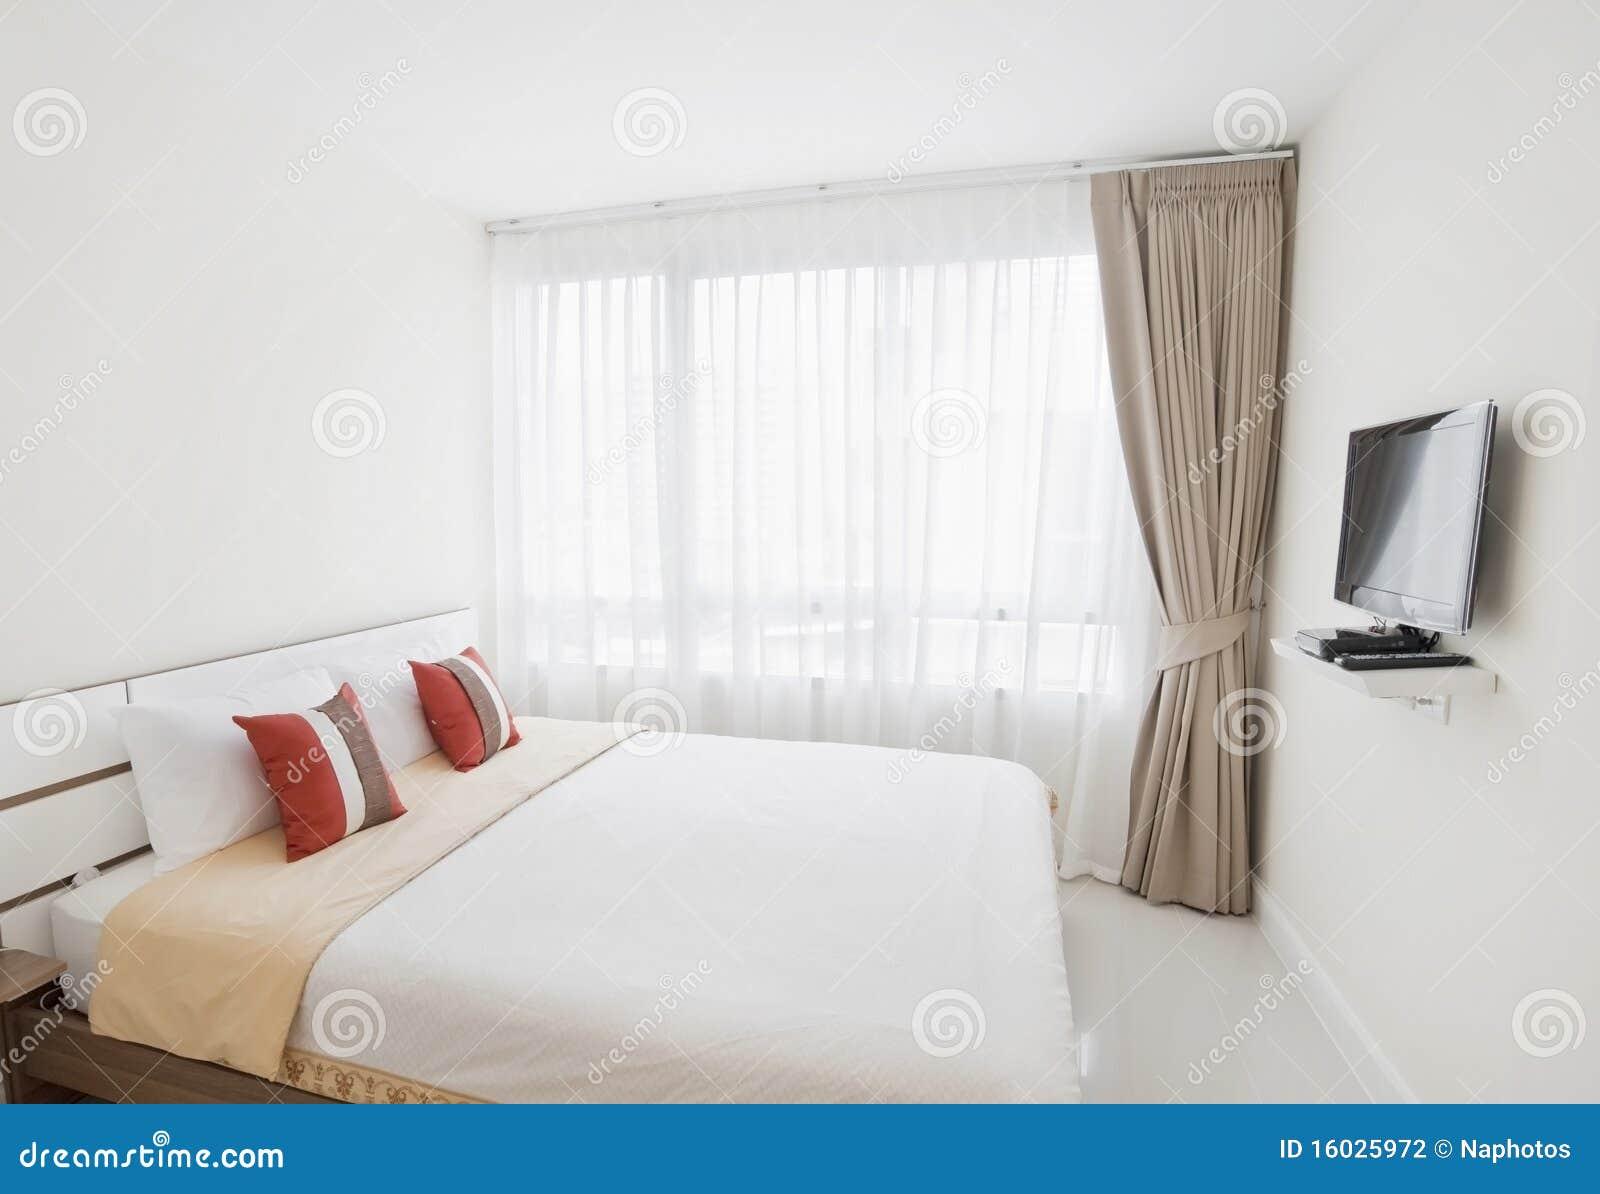 Luxe slaapkamer maken - Slaapkamer dressing badkamer ...